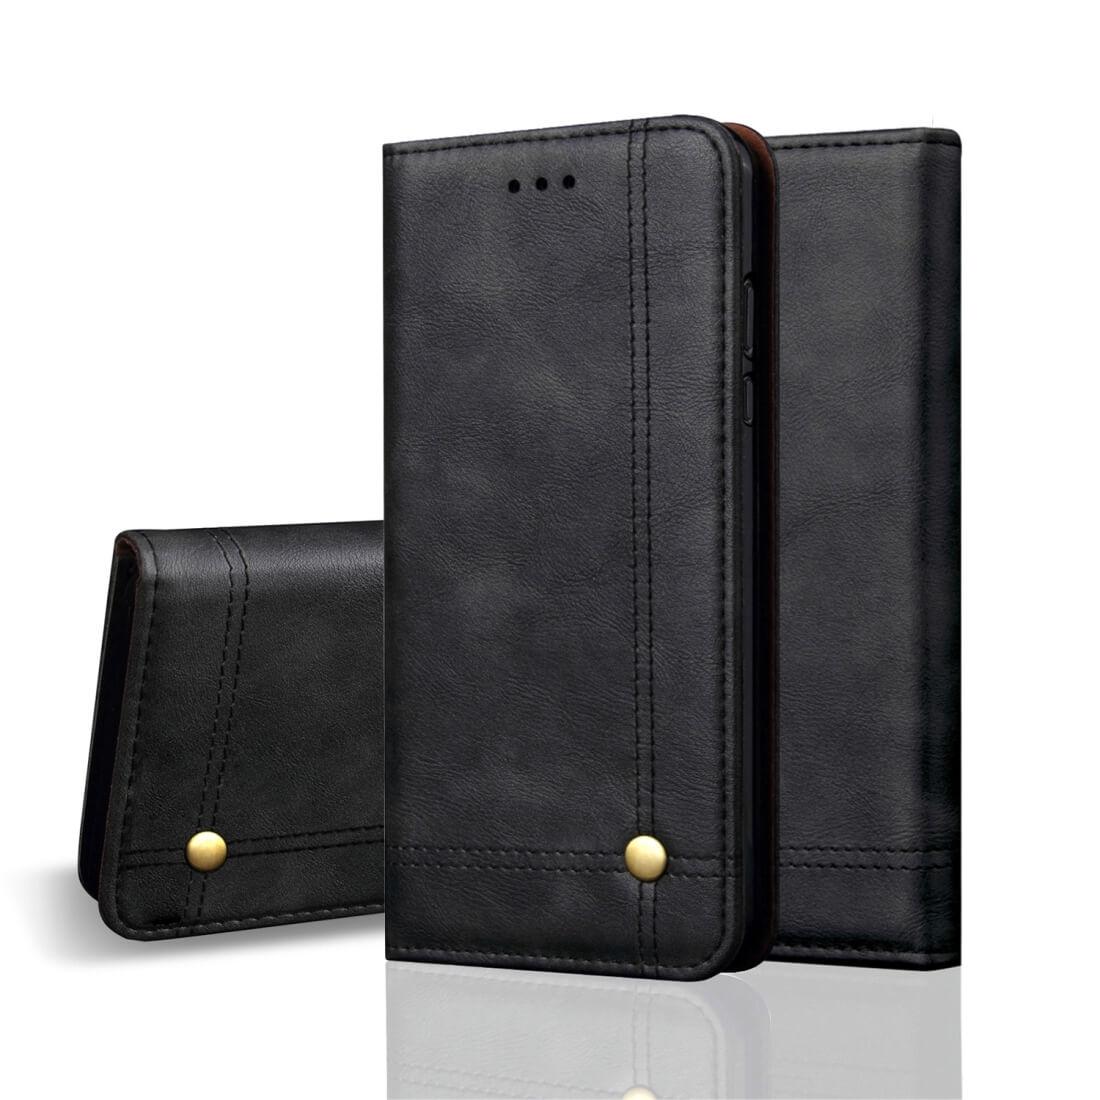 FORCELL PRESTIGE Peňaženkový obal Huawei Nova 3i černý